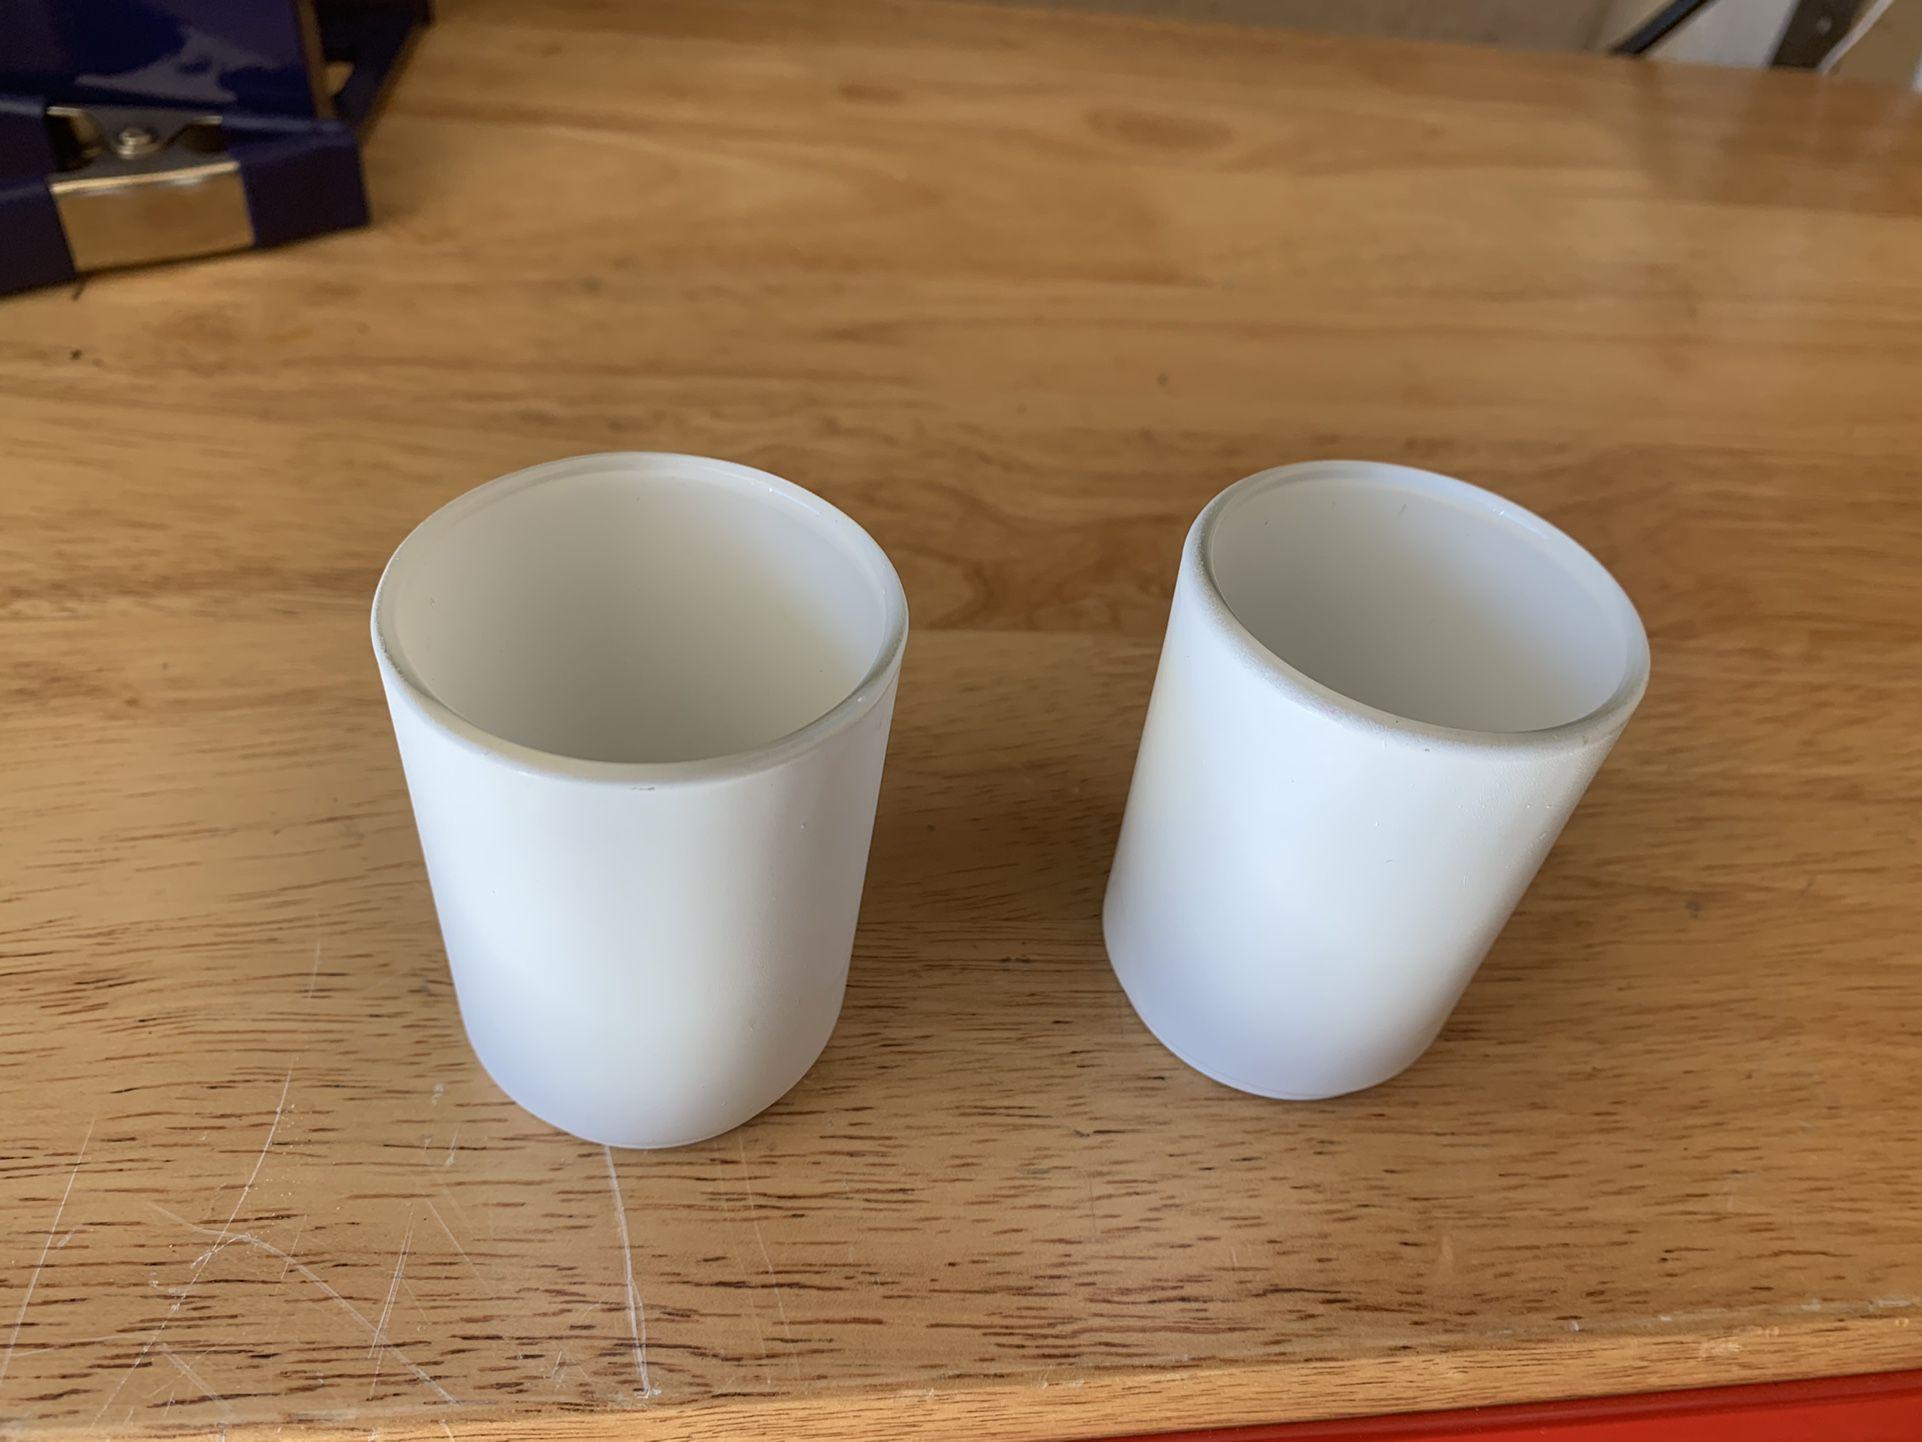 32 White Tea Light Holders For Wedding